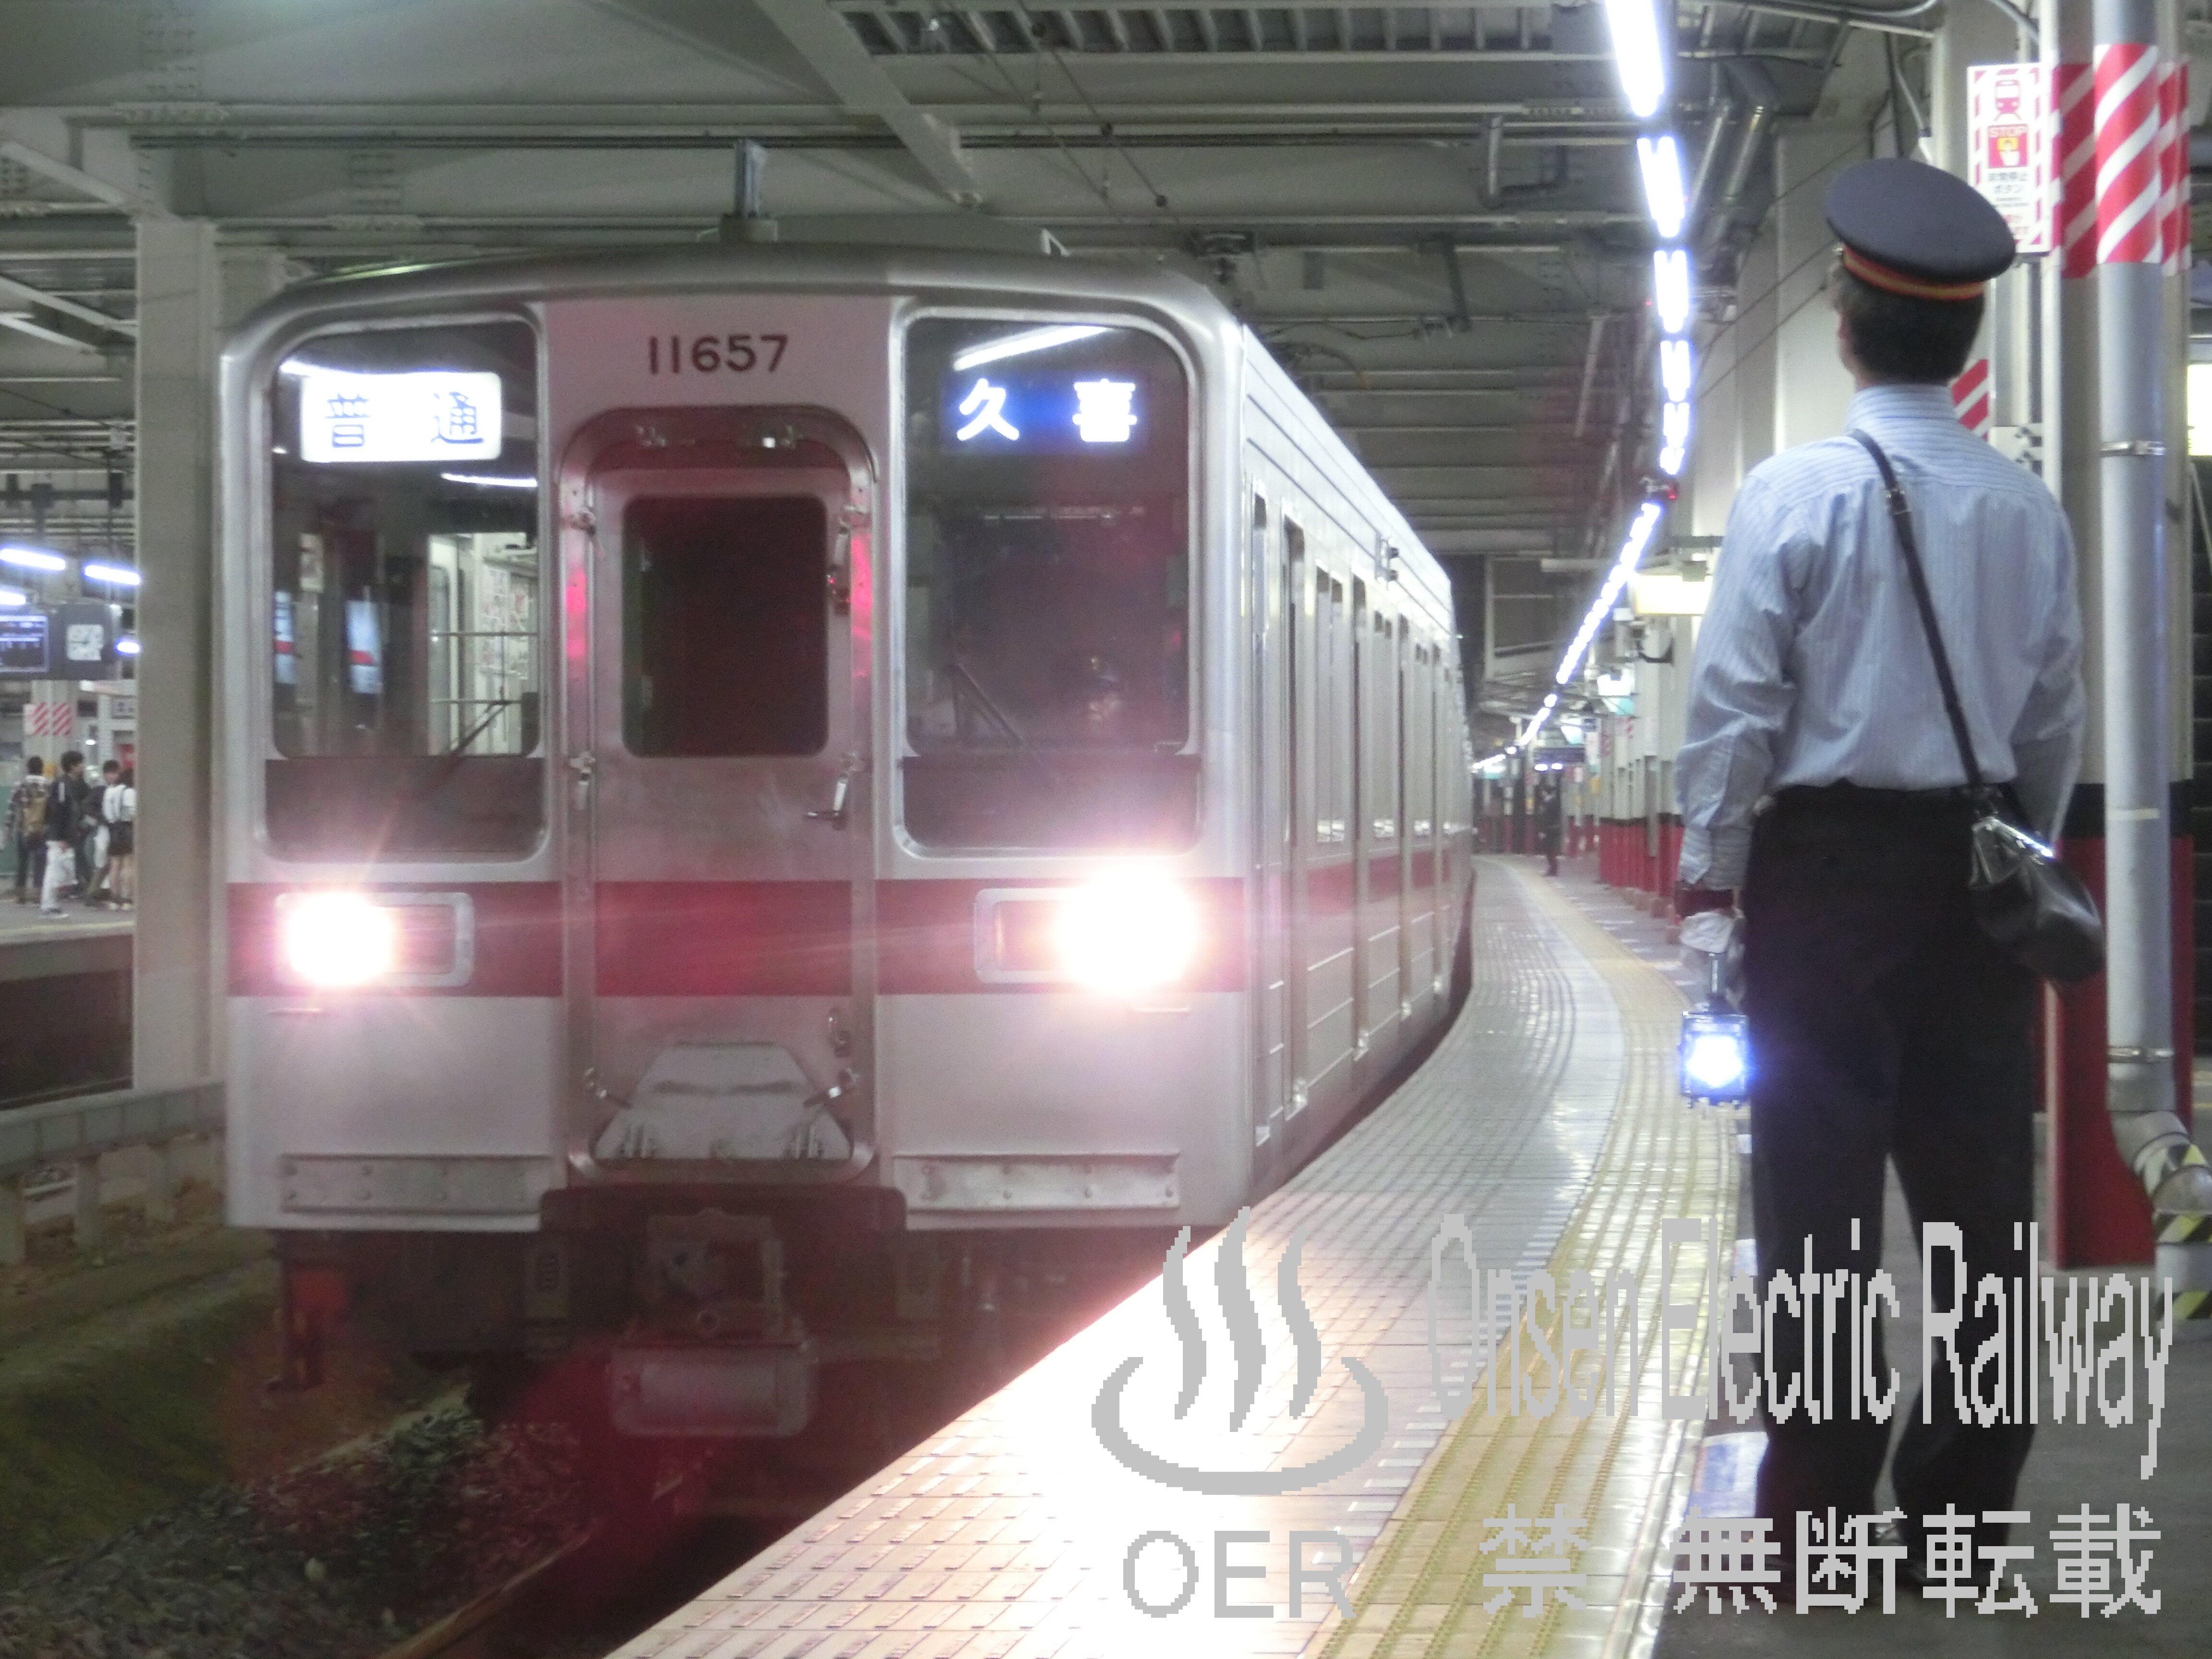 05_tobu_10050_11657.jpg